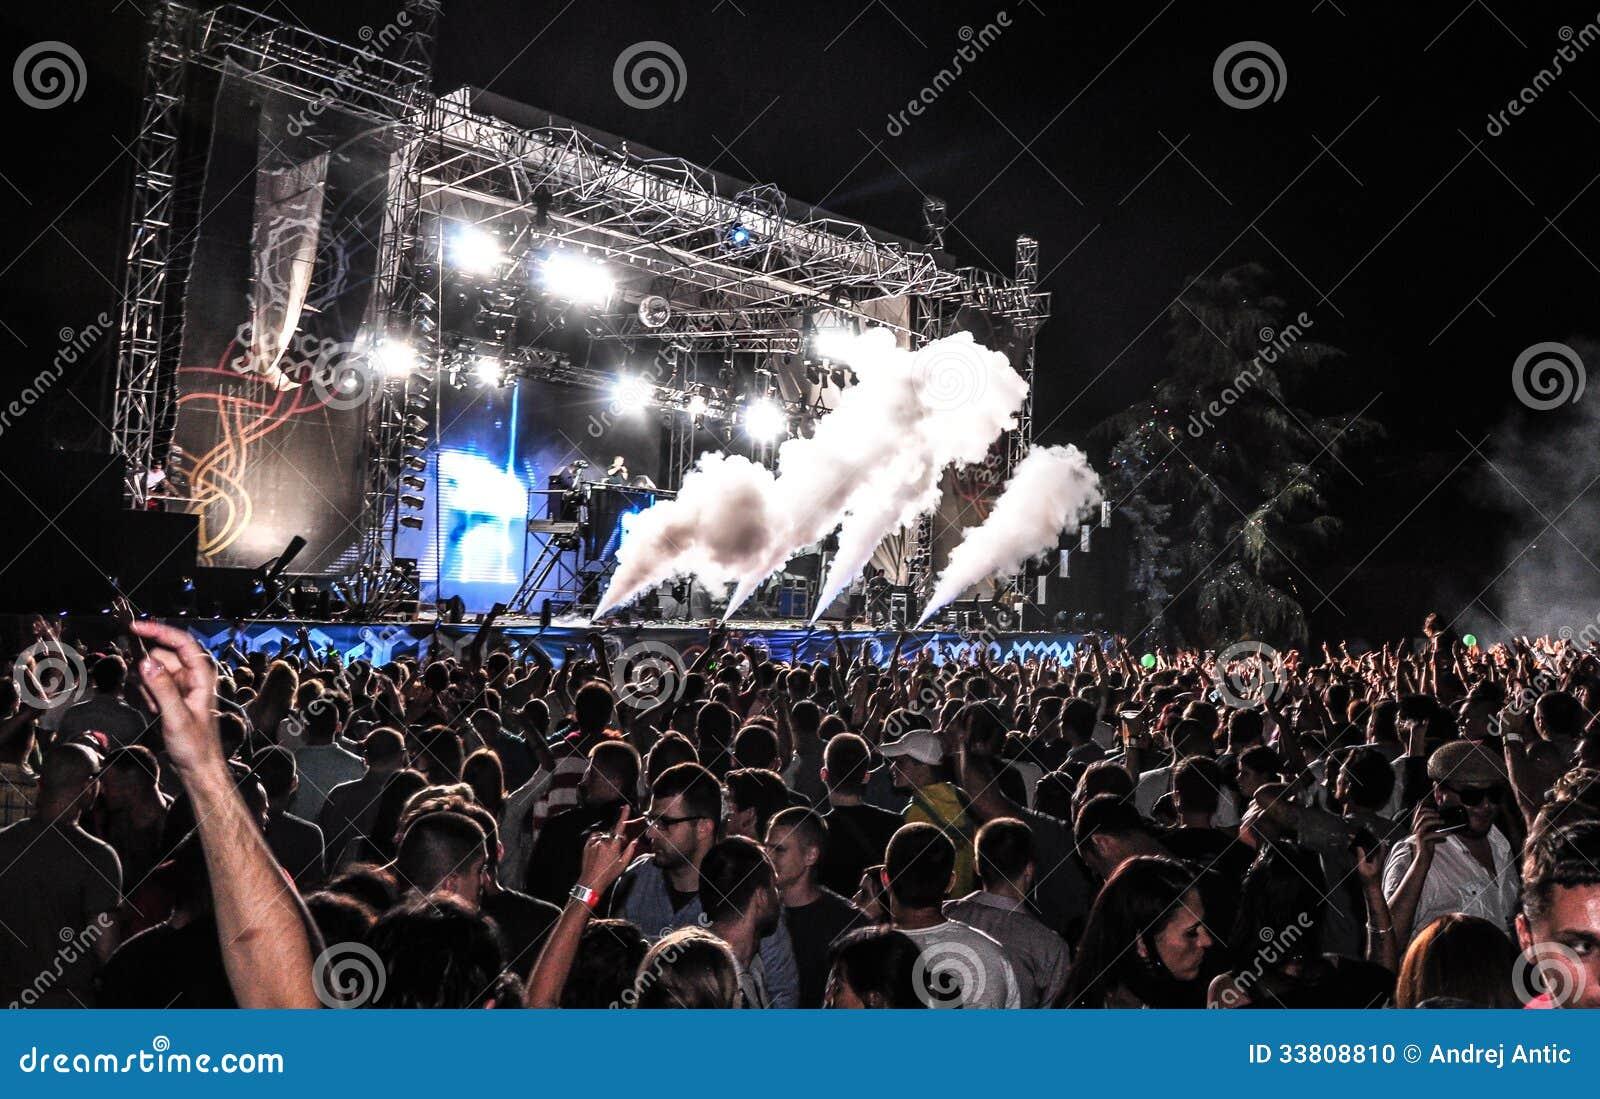 NEHMEN Sie Musikfestival 2013 heraus